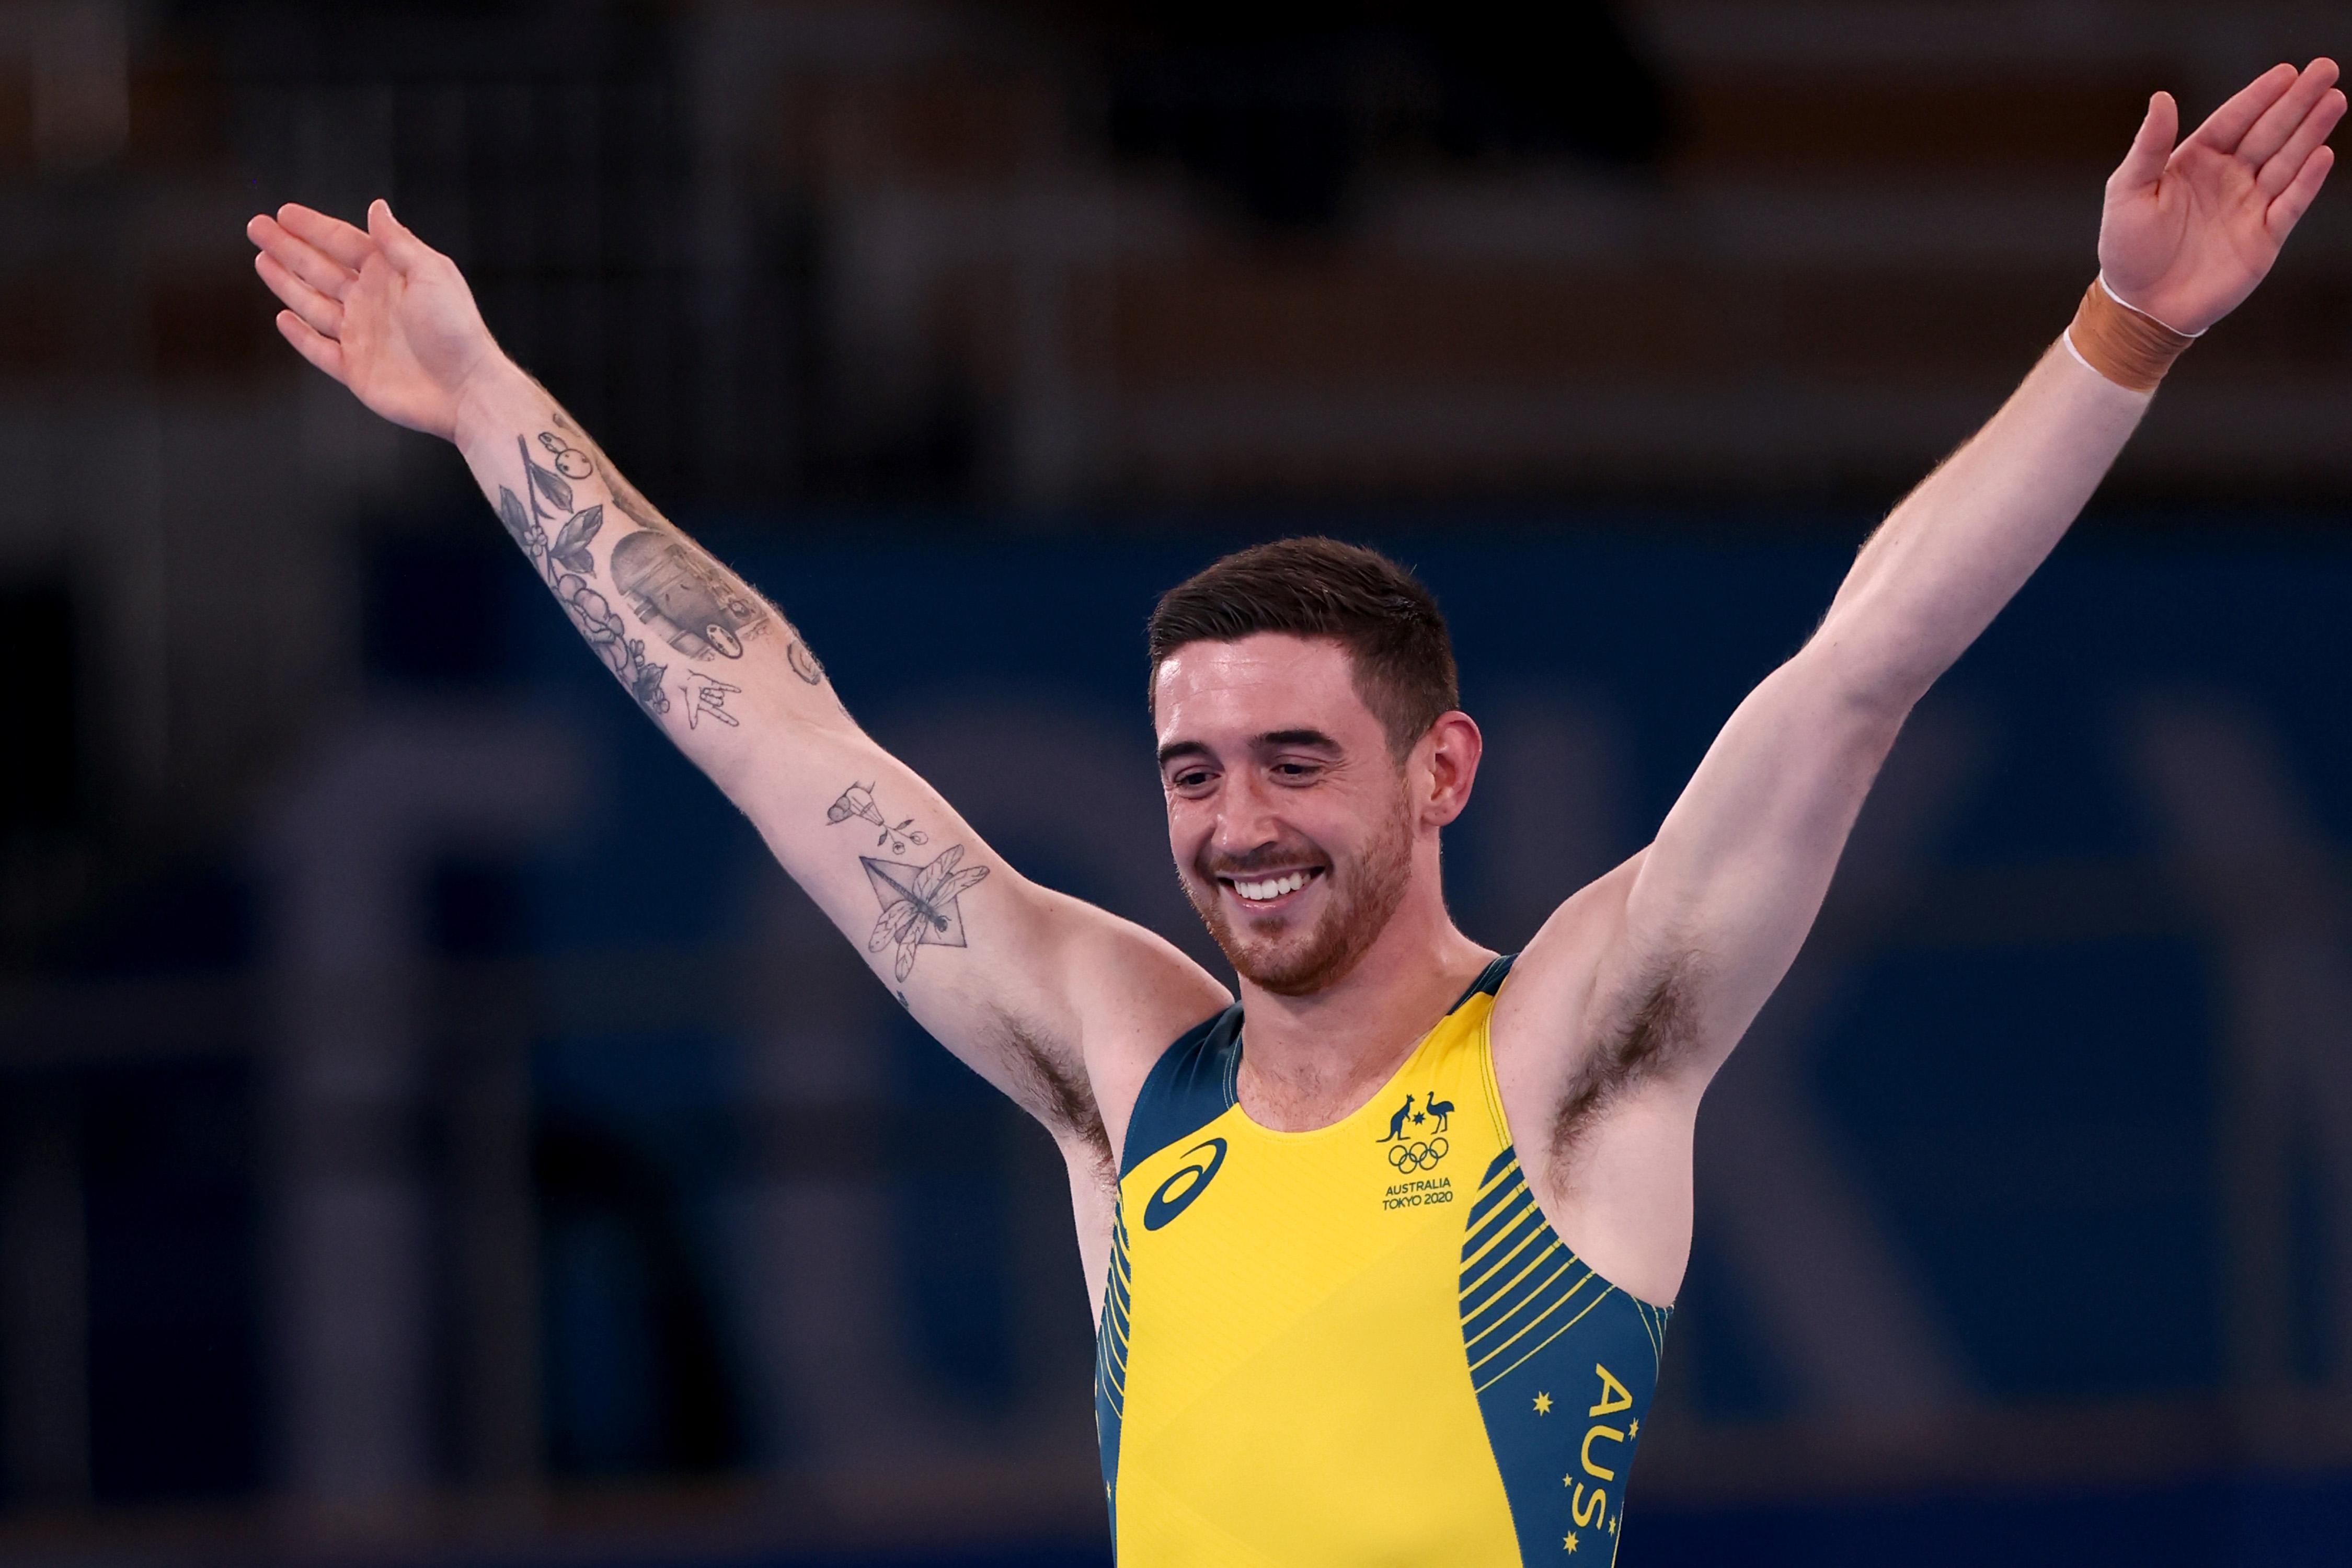 Gymnastics - Trampoline - Olympics: Day 8